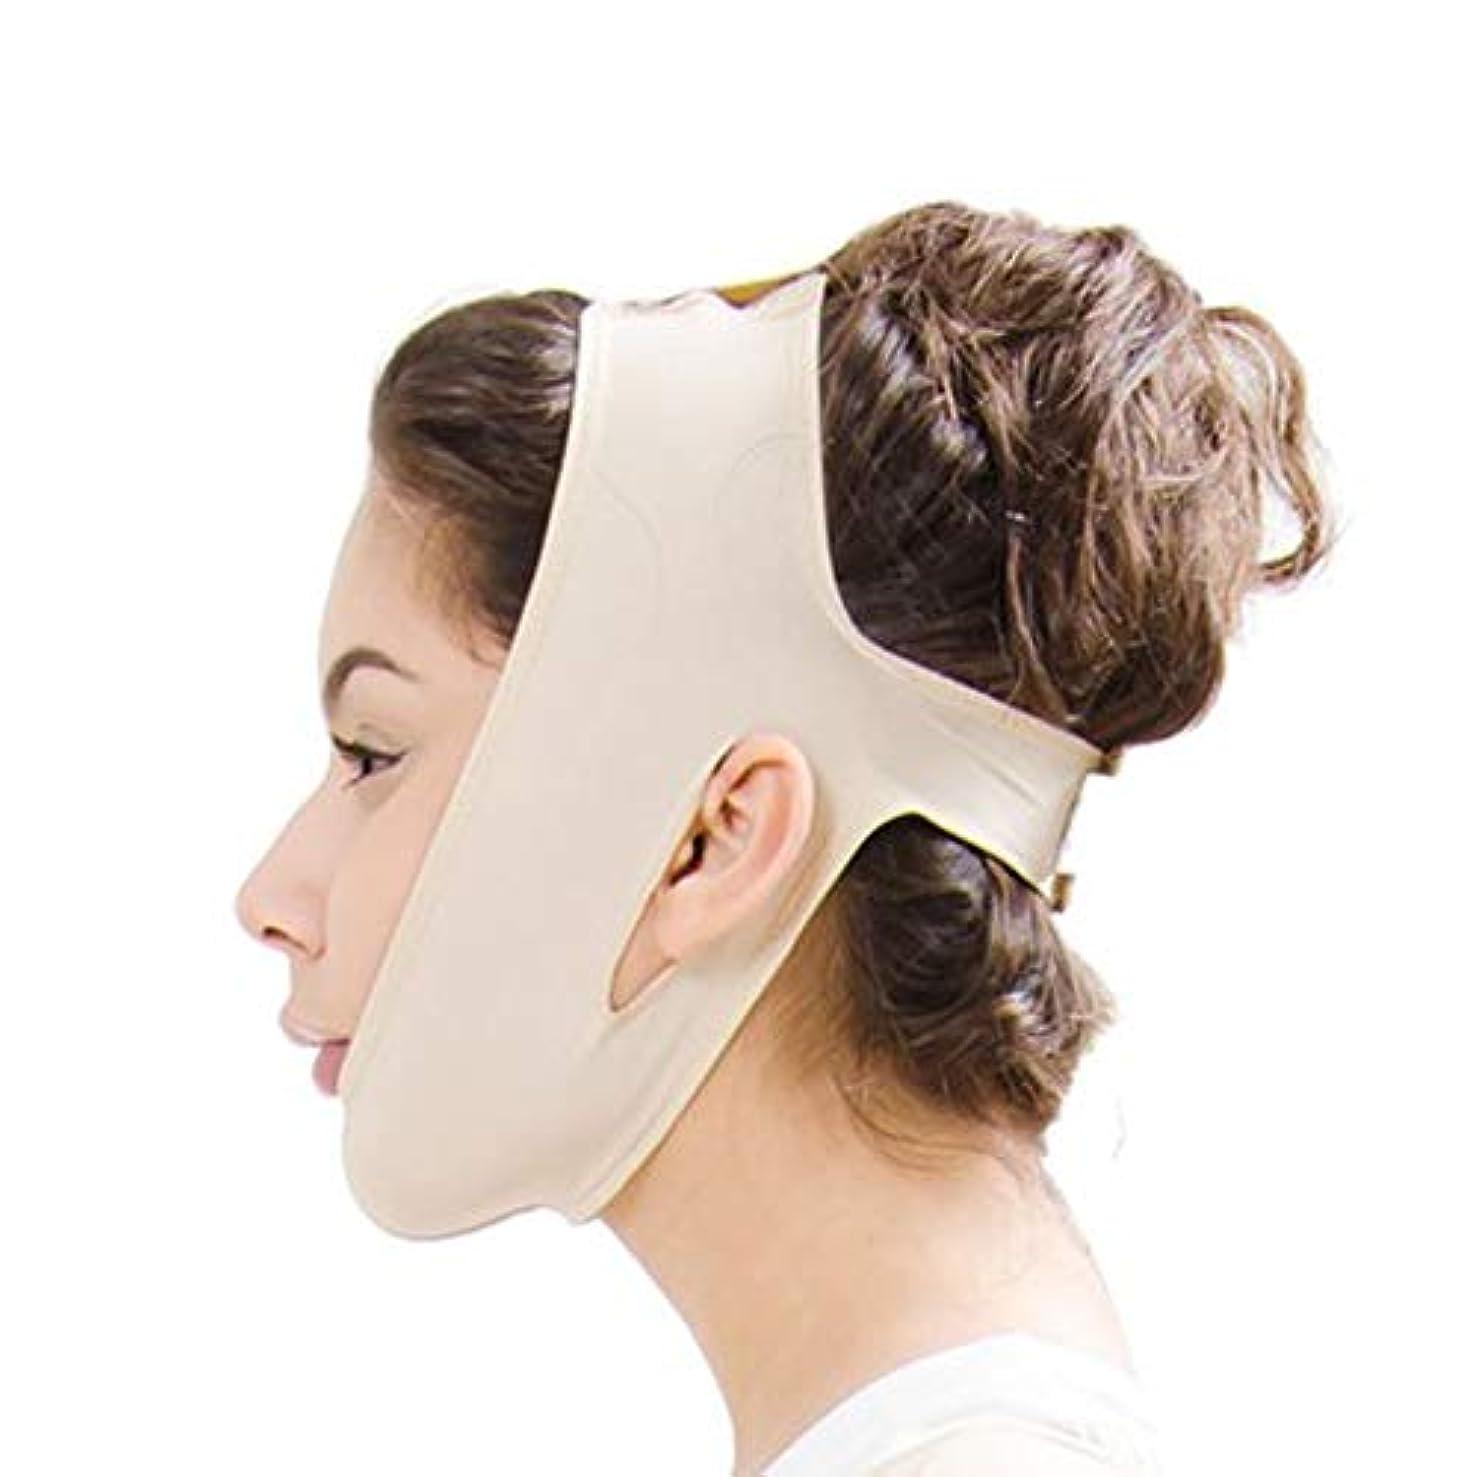 医師ステレオタイプバナーGLJJQMY フェイシャルリフティングマスクフェイシャルダブルチンコンプレッションV字型フェイスブレスレットヘッドギアリフティングファーミングスキン 顔用整形マスク (Size : XL)